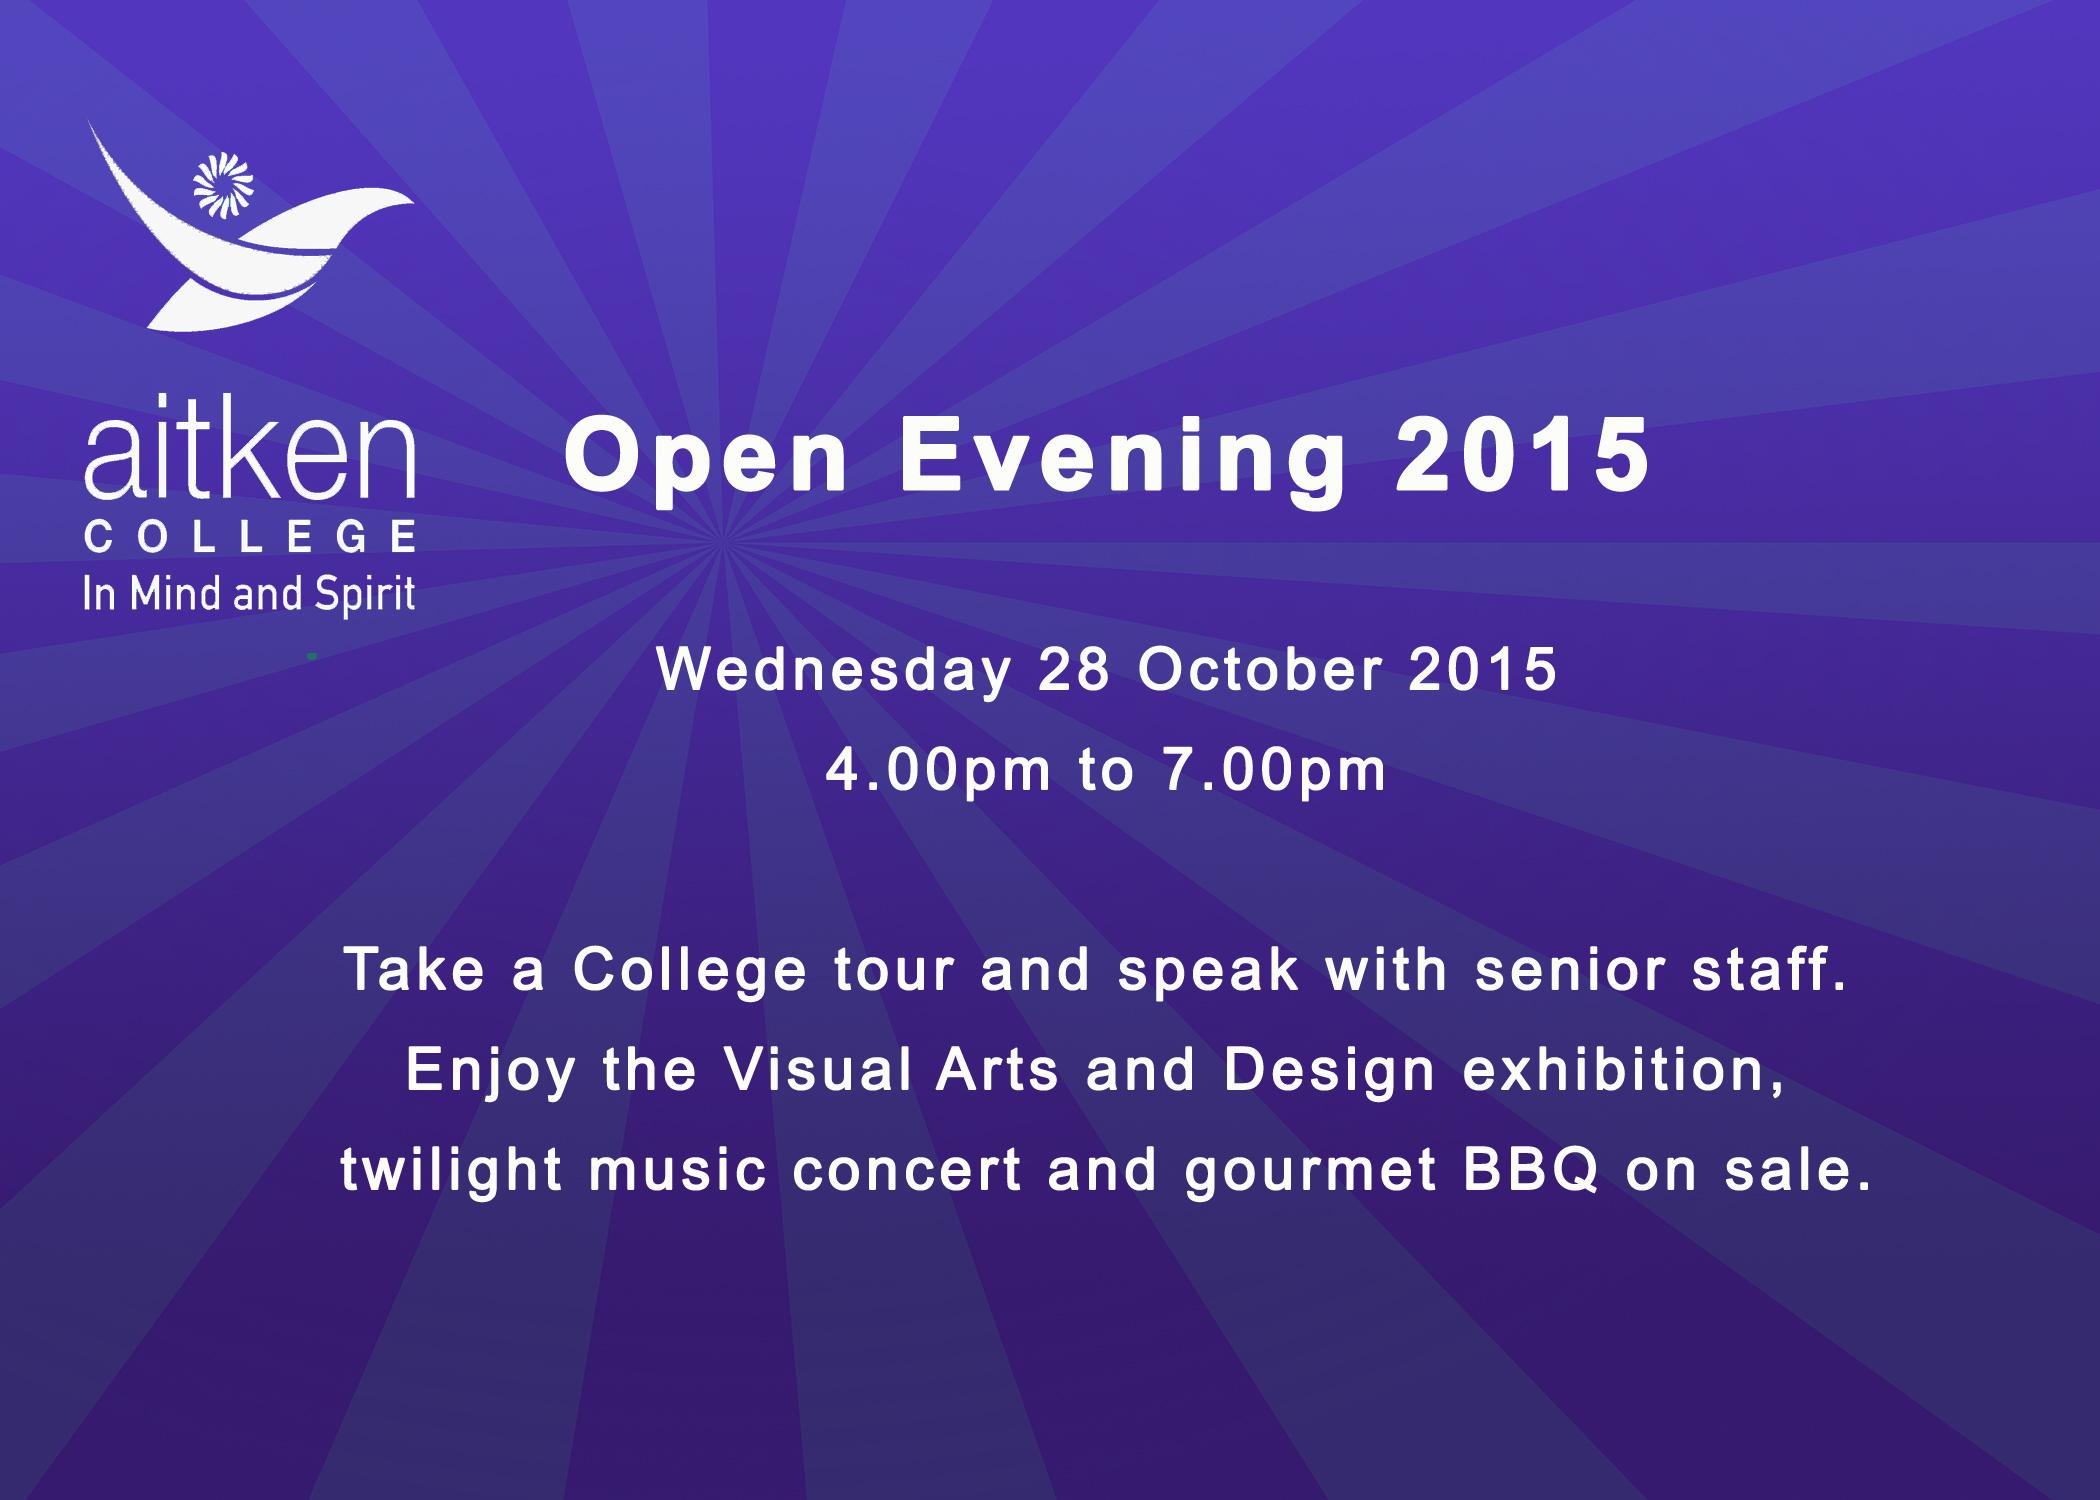 Open Evening 2015